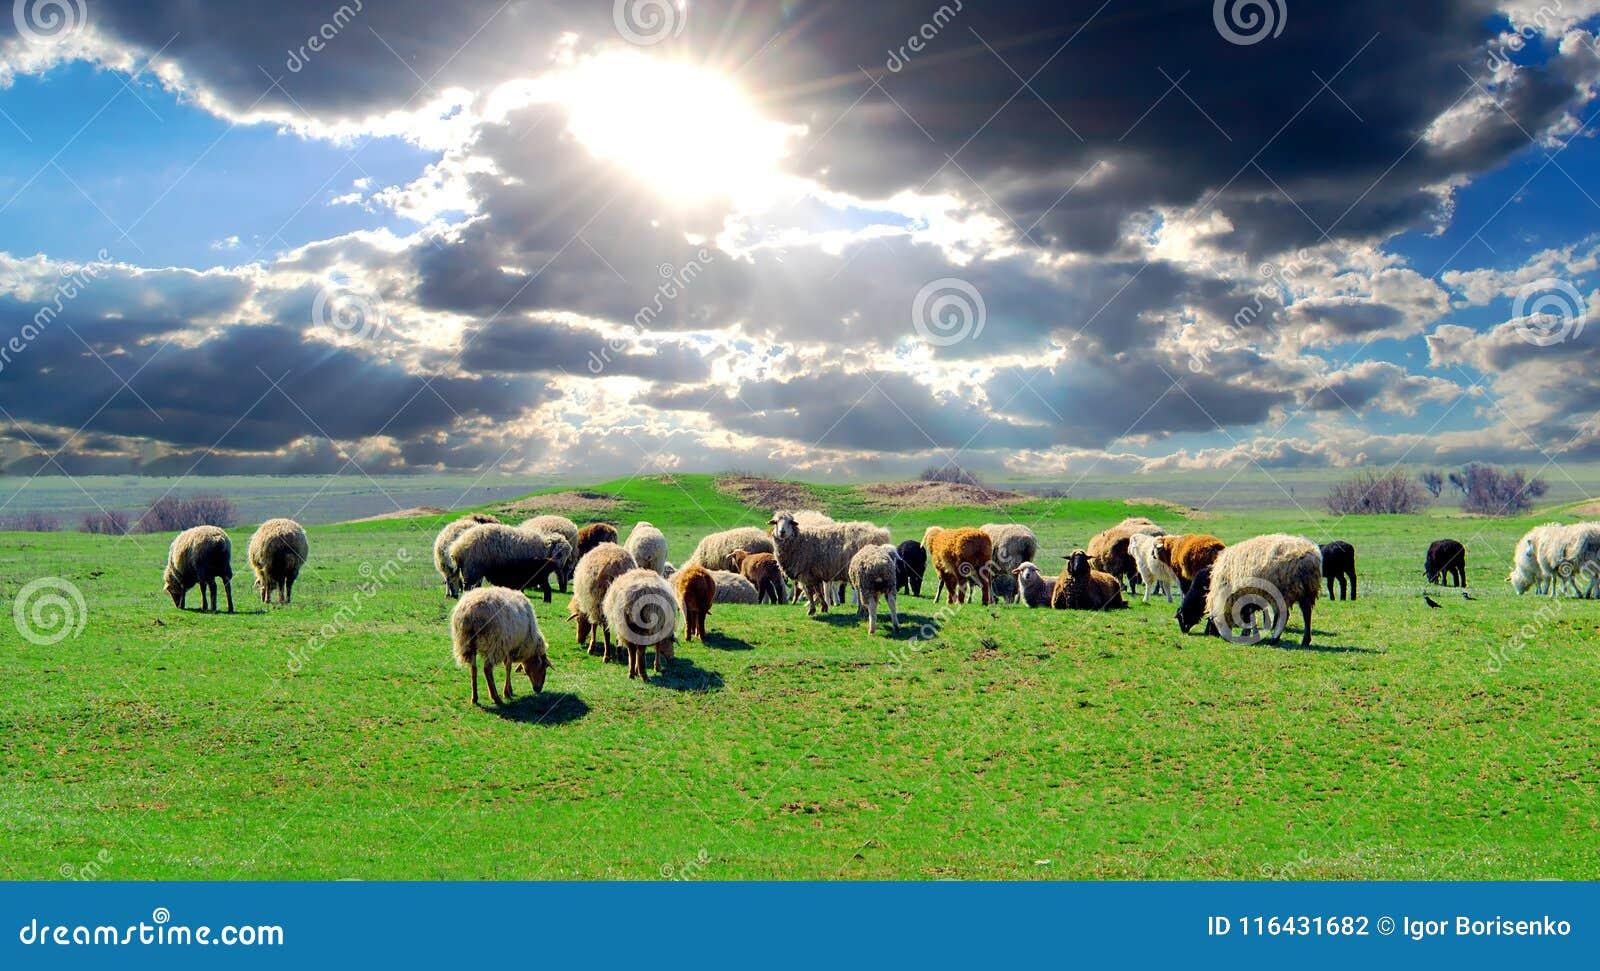 Een kudde van schapen die op een gebied met weelderig groen gras weiden